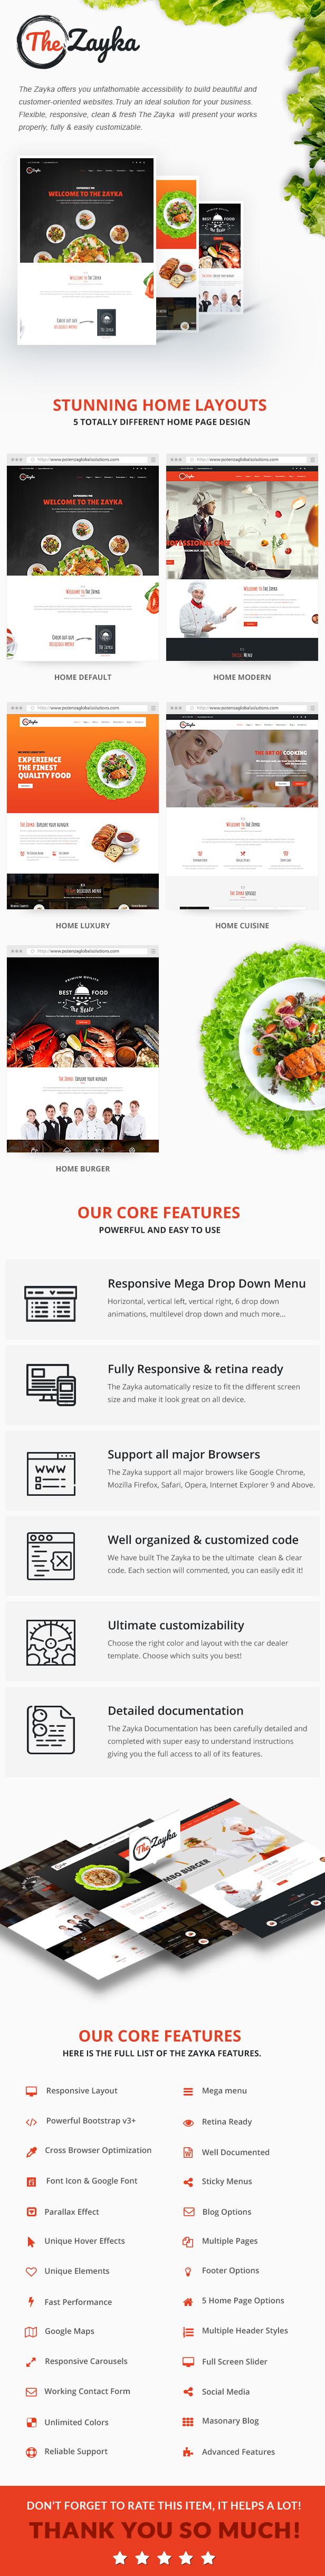 The Zayka - Multipurpose Restaurant & Cafe HTML5 Template - 2